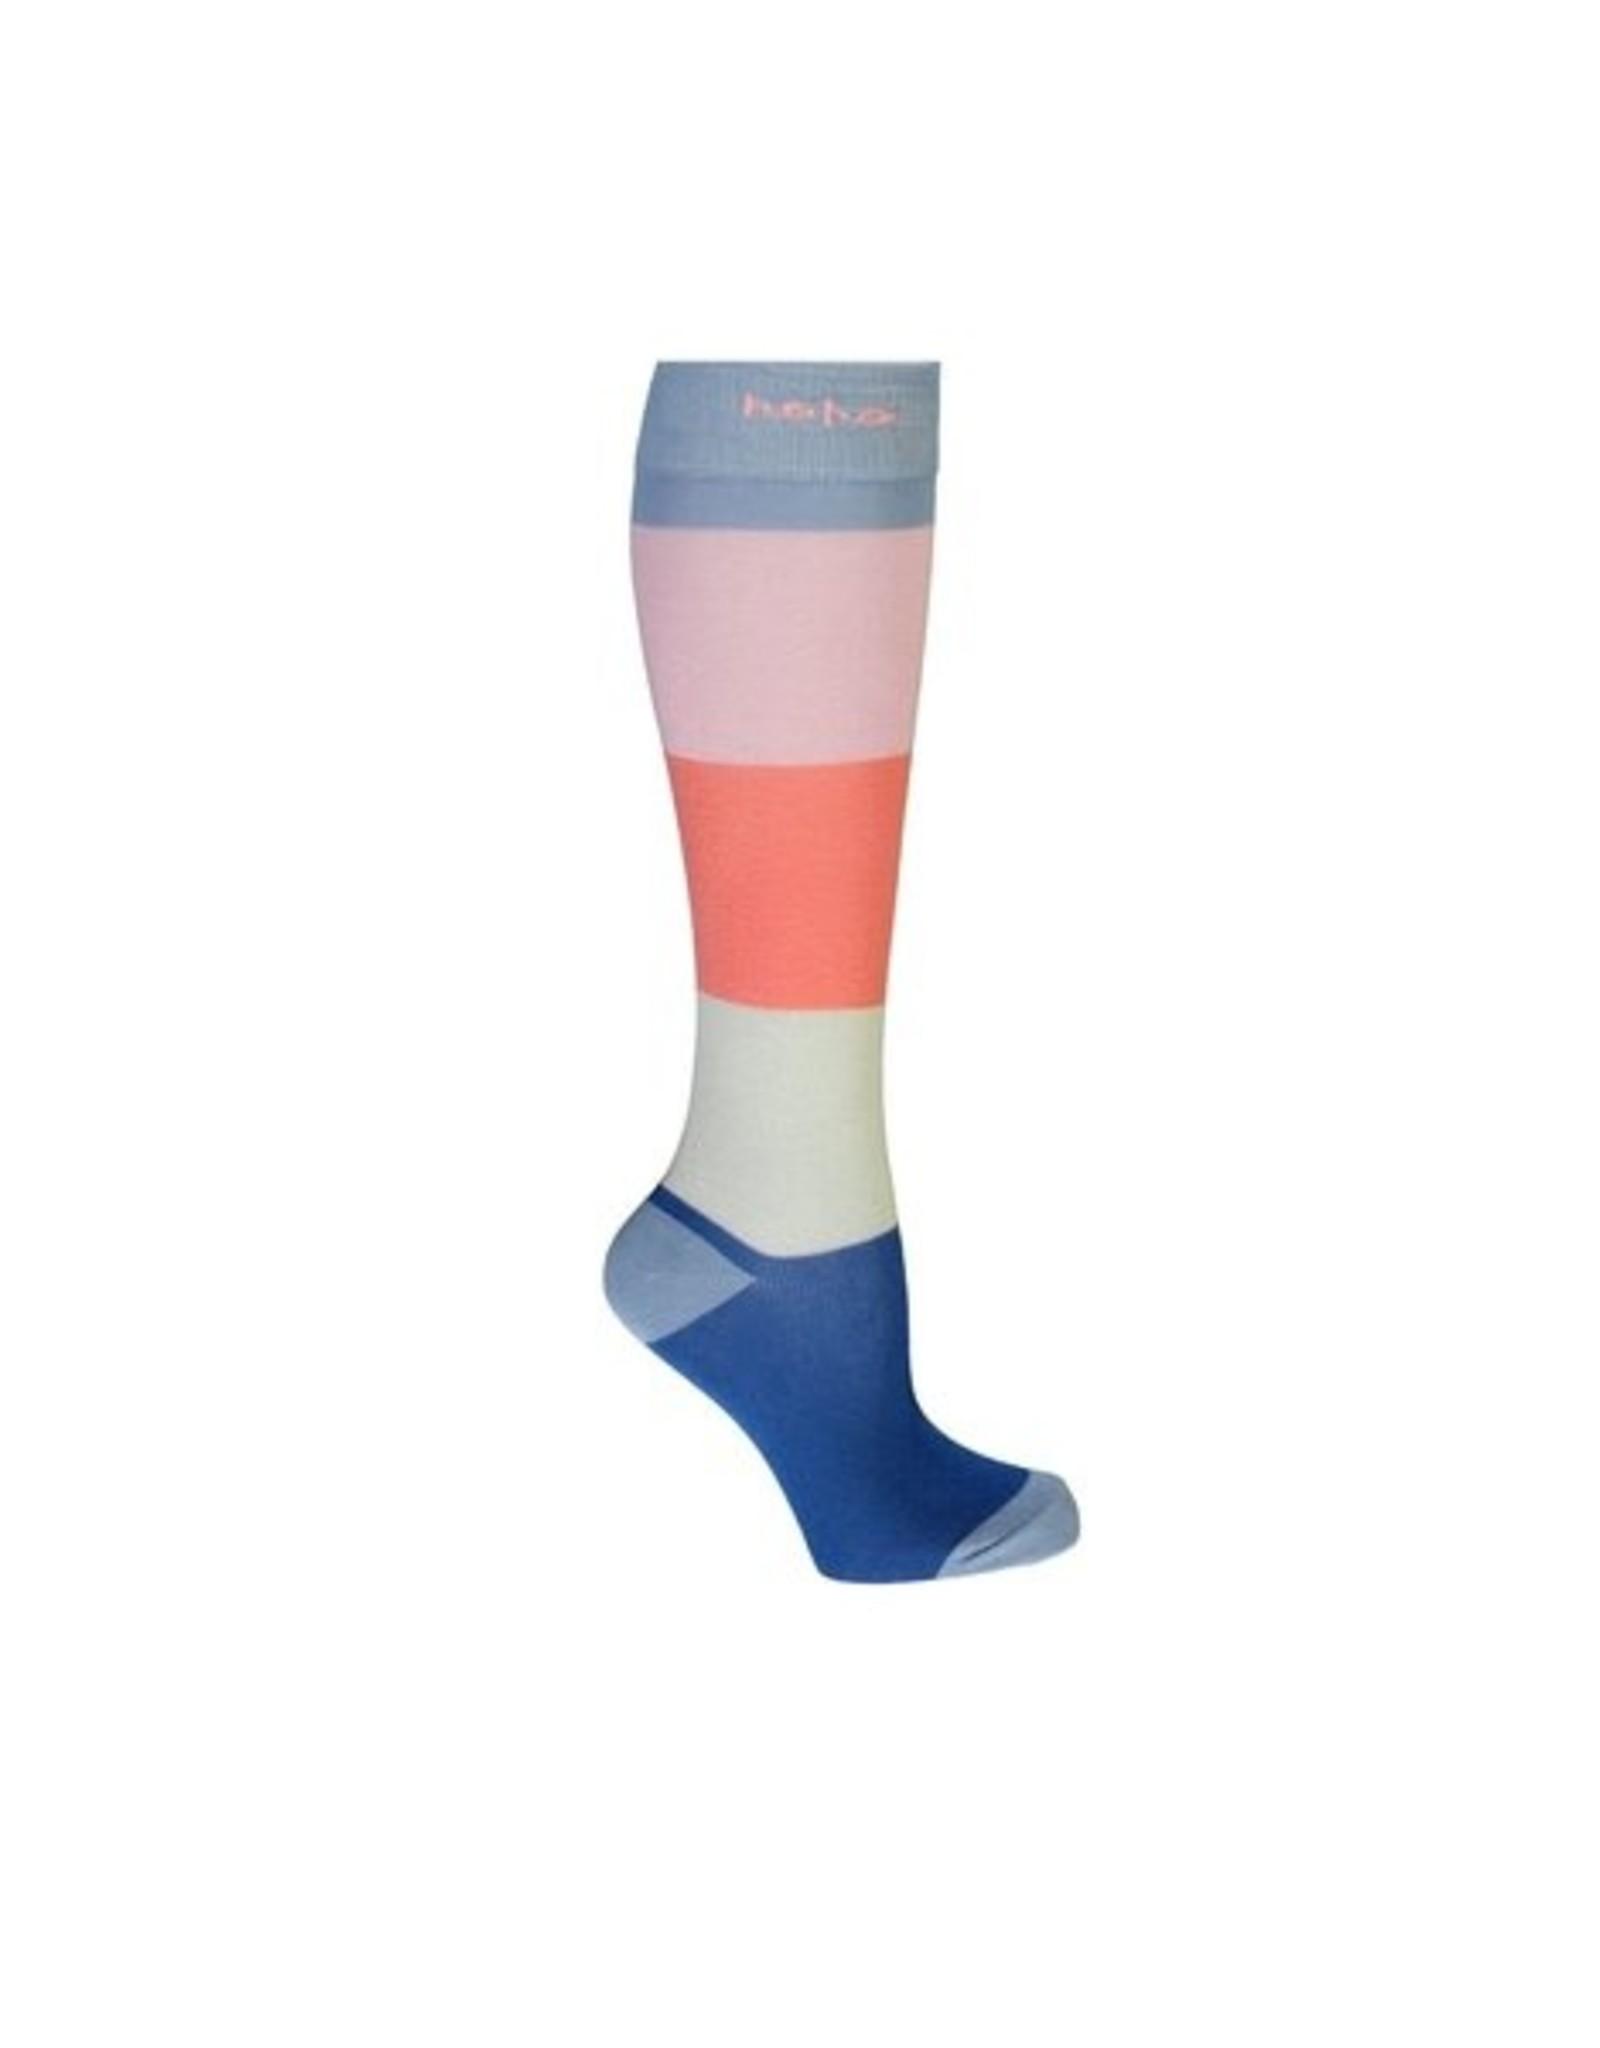 NONO NONO long sock 5903 bright sky